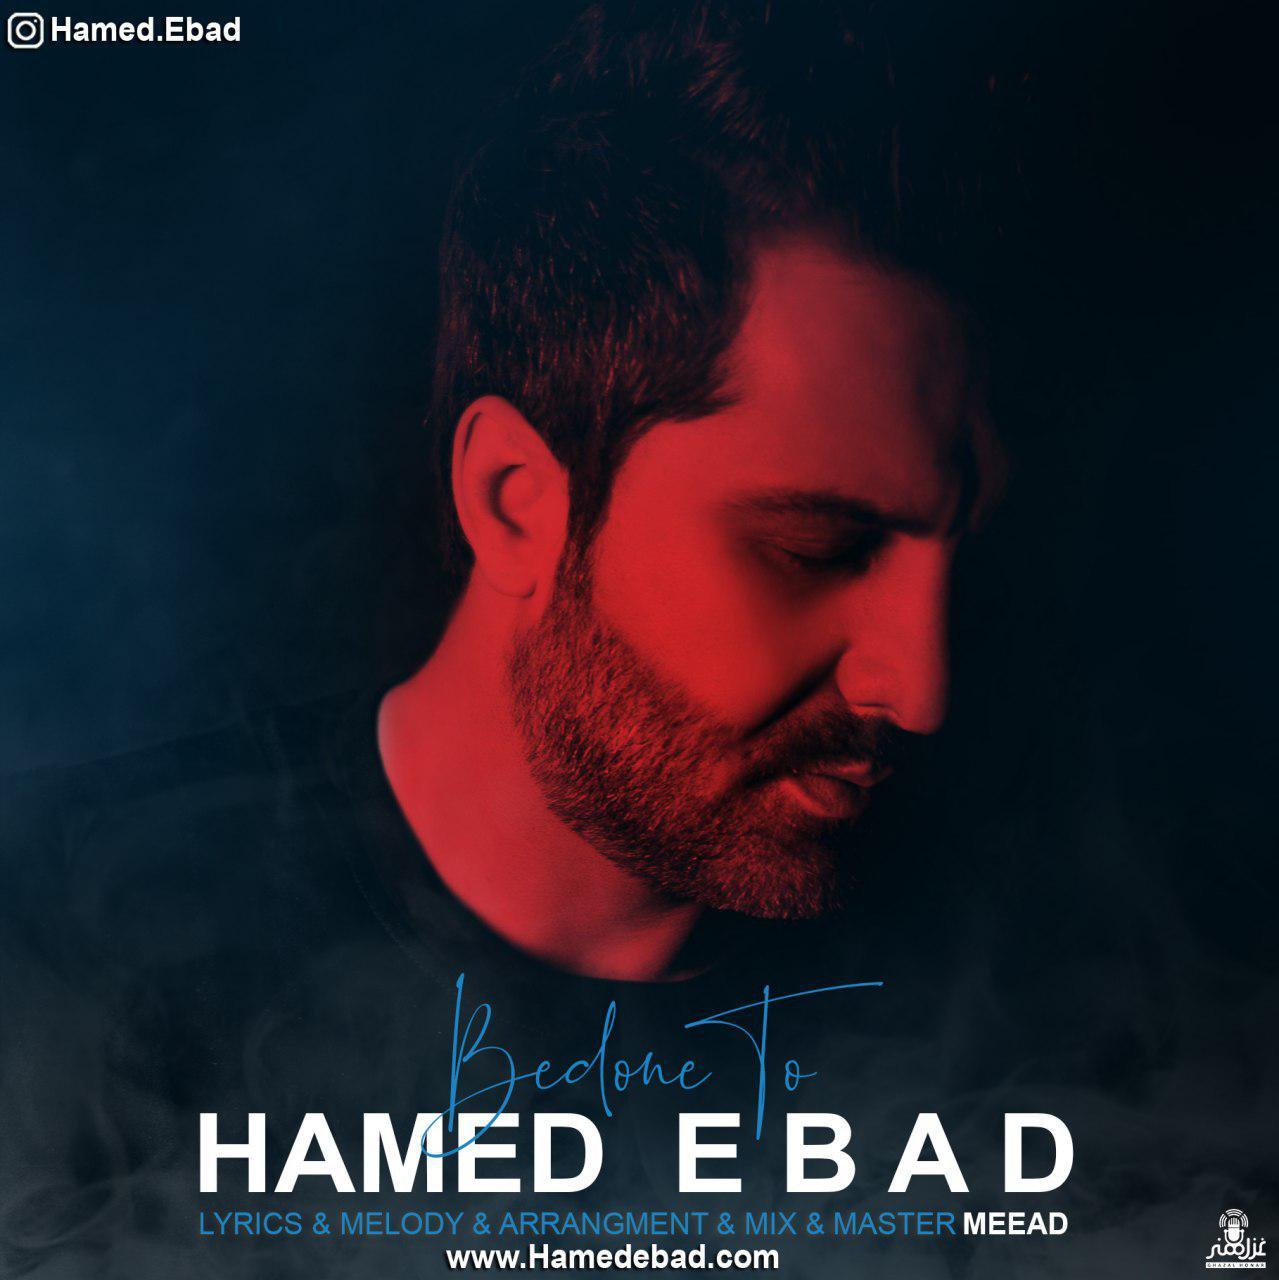 Hamed Ebad – Bedone To